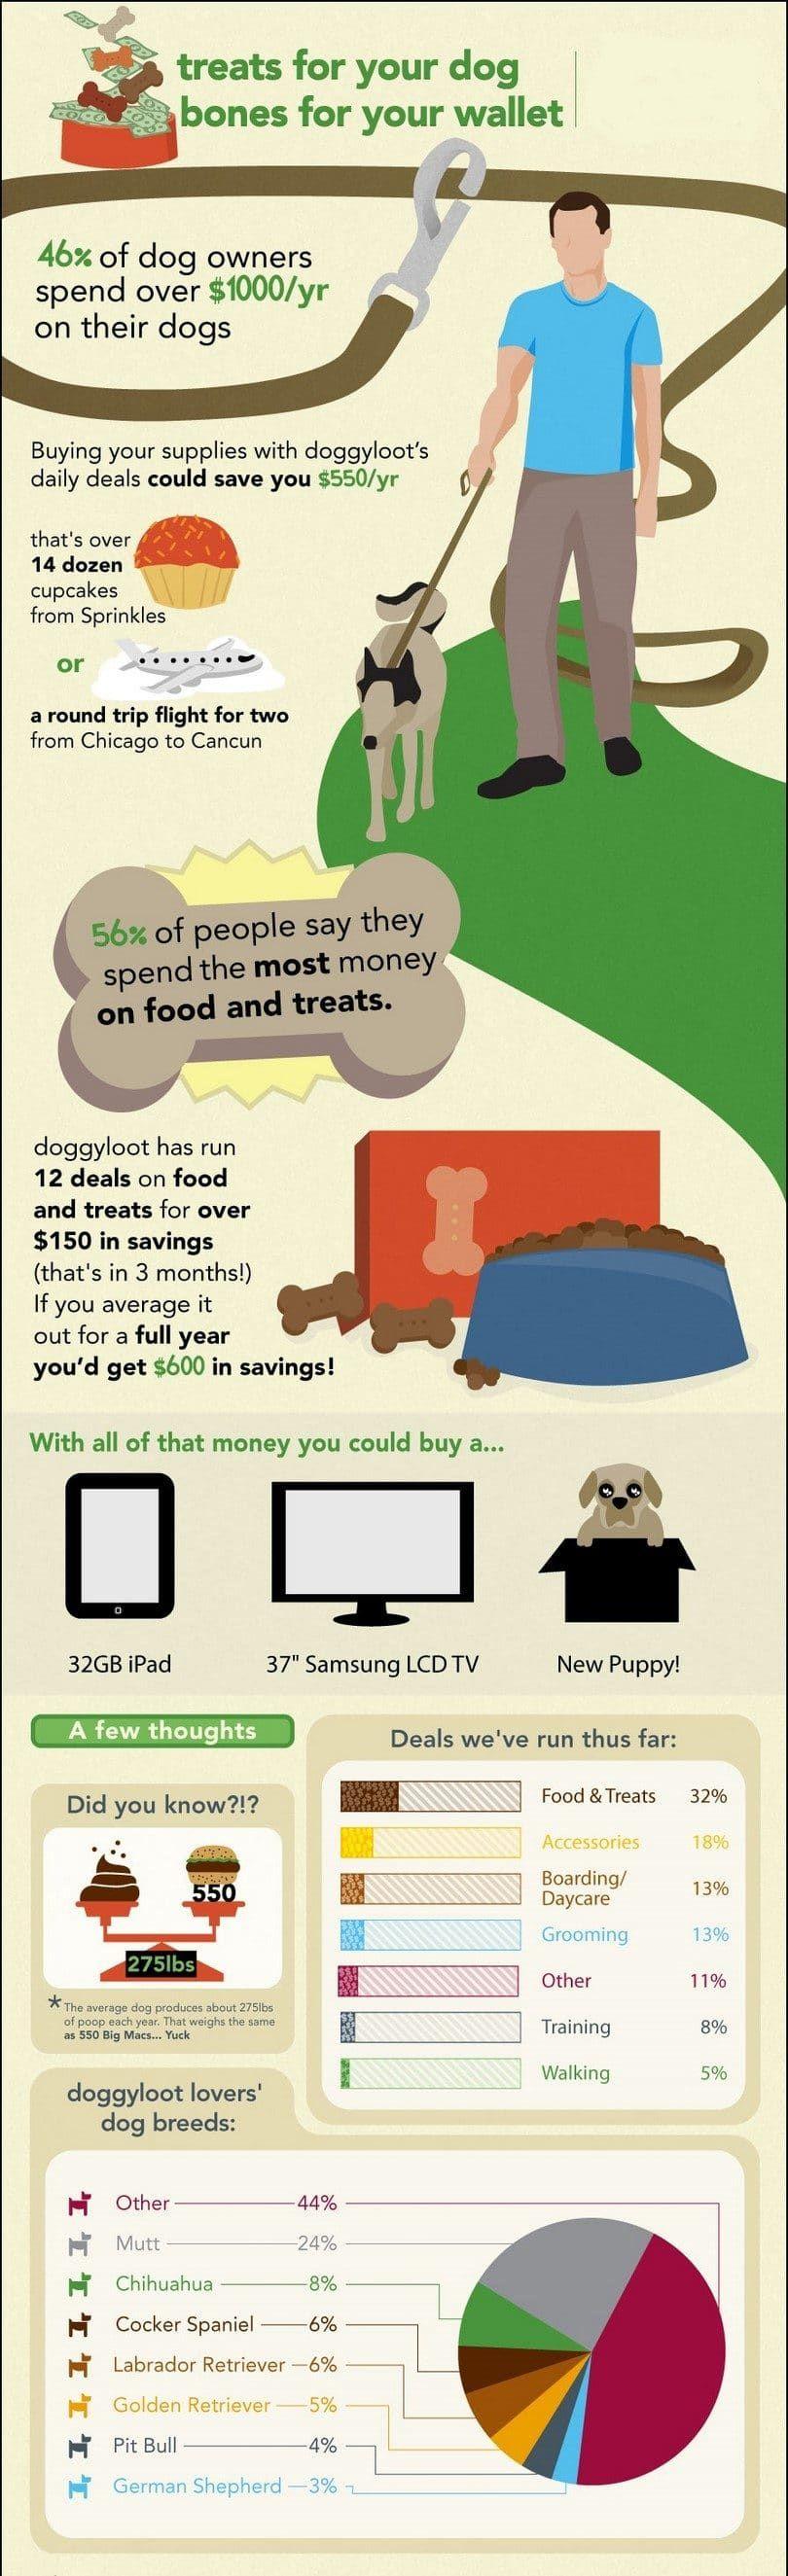 Friandises pour vos os de chien pour votre porte-monnaie